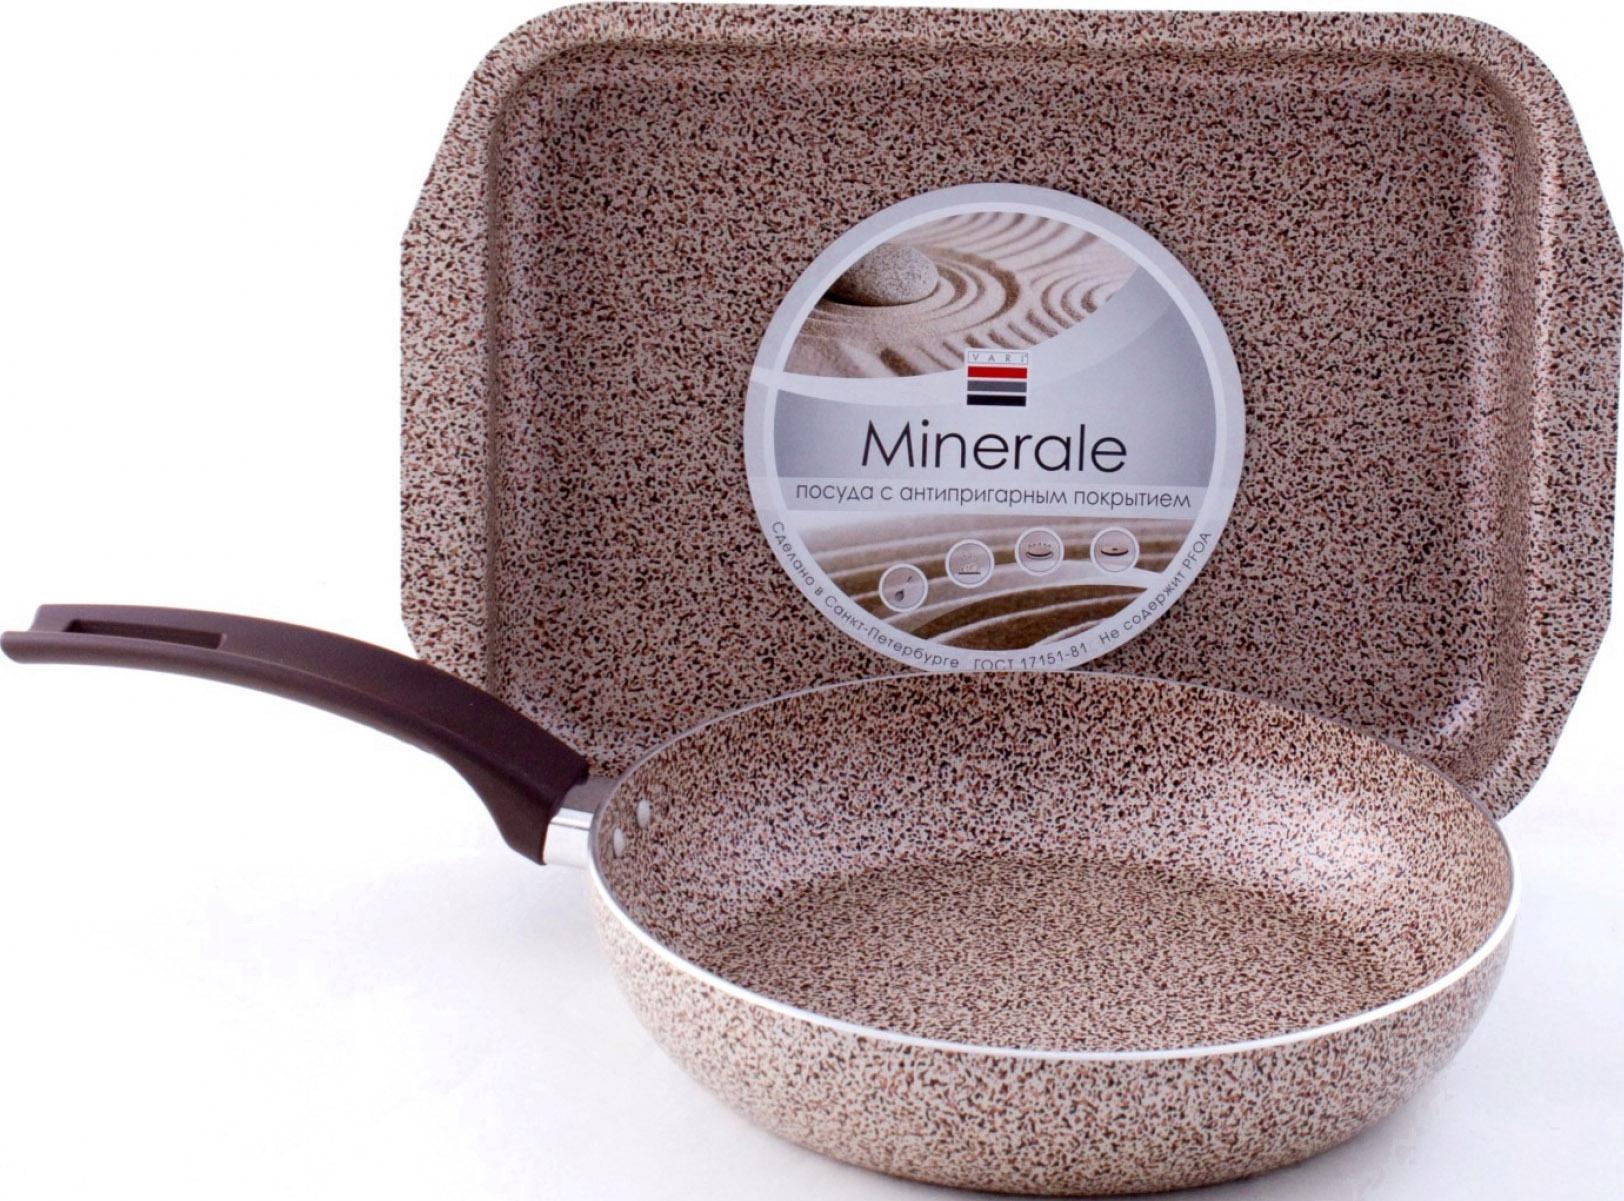 Посуда VARI Minerale